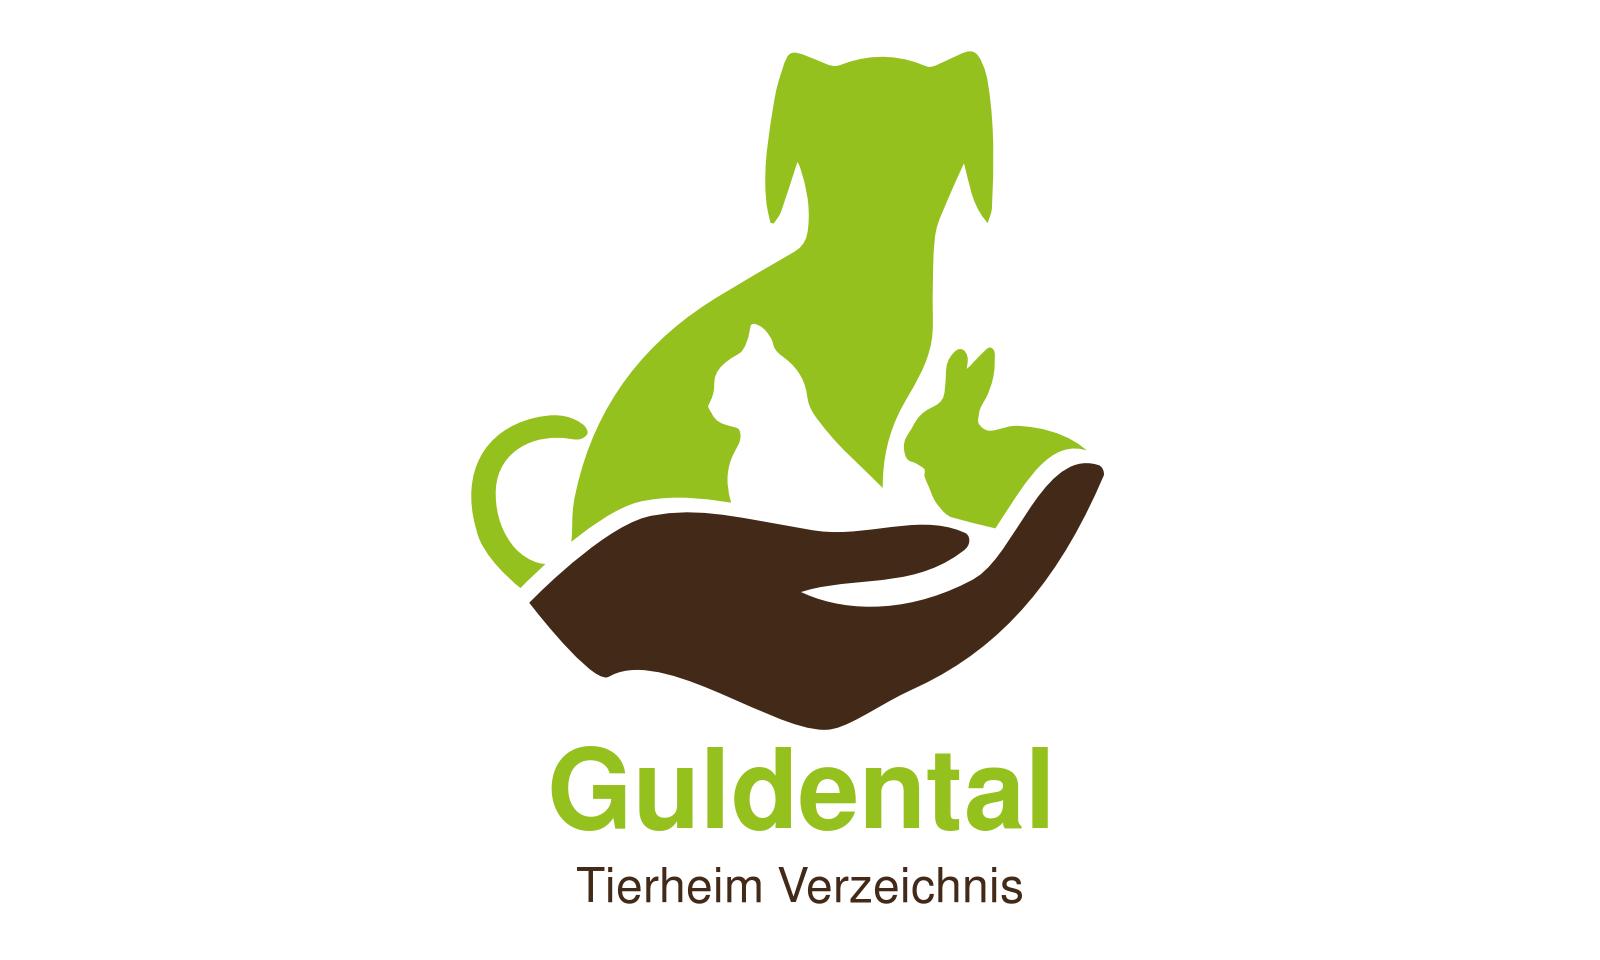 Tierheim Guldental